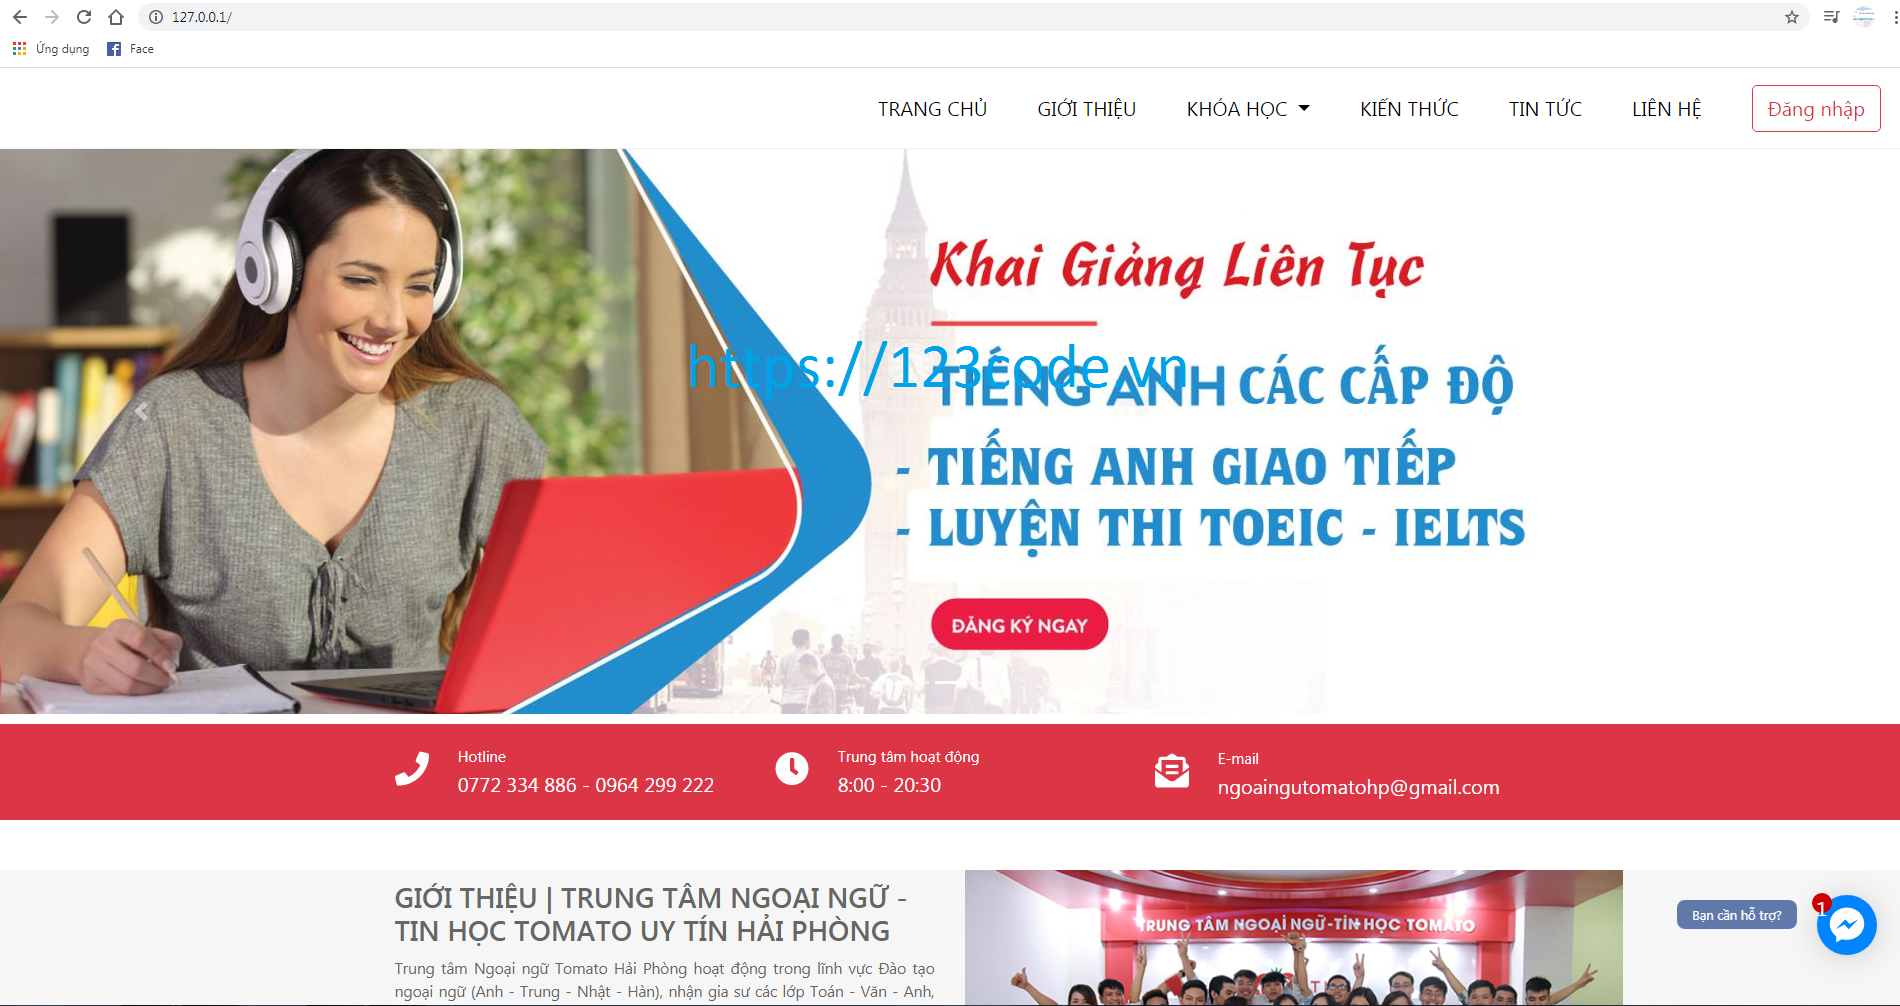 Đồ án tốt nghiệp website quản lý trung tâm tin học ngoại ngữ code php thuần có báo cáo